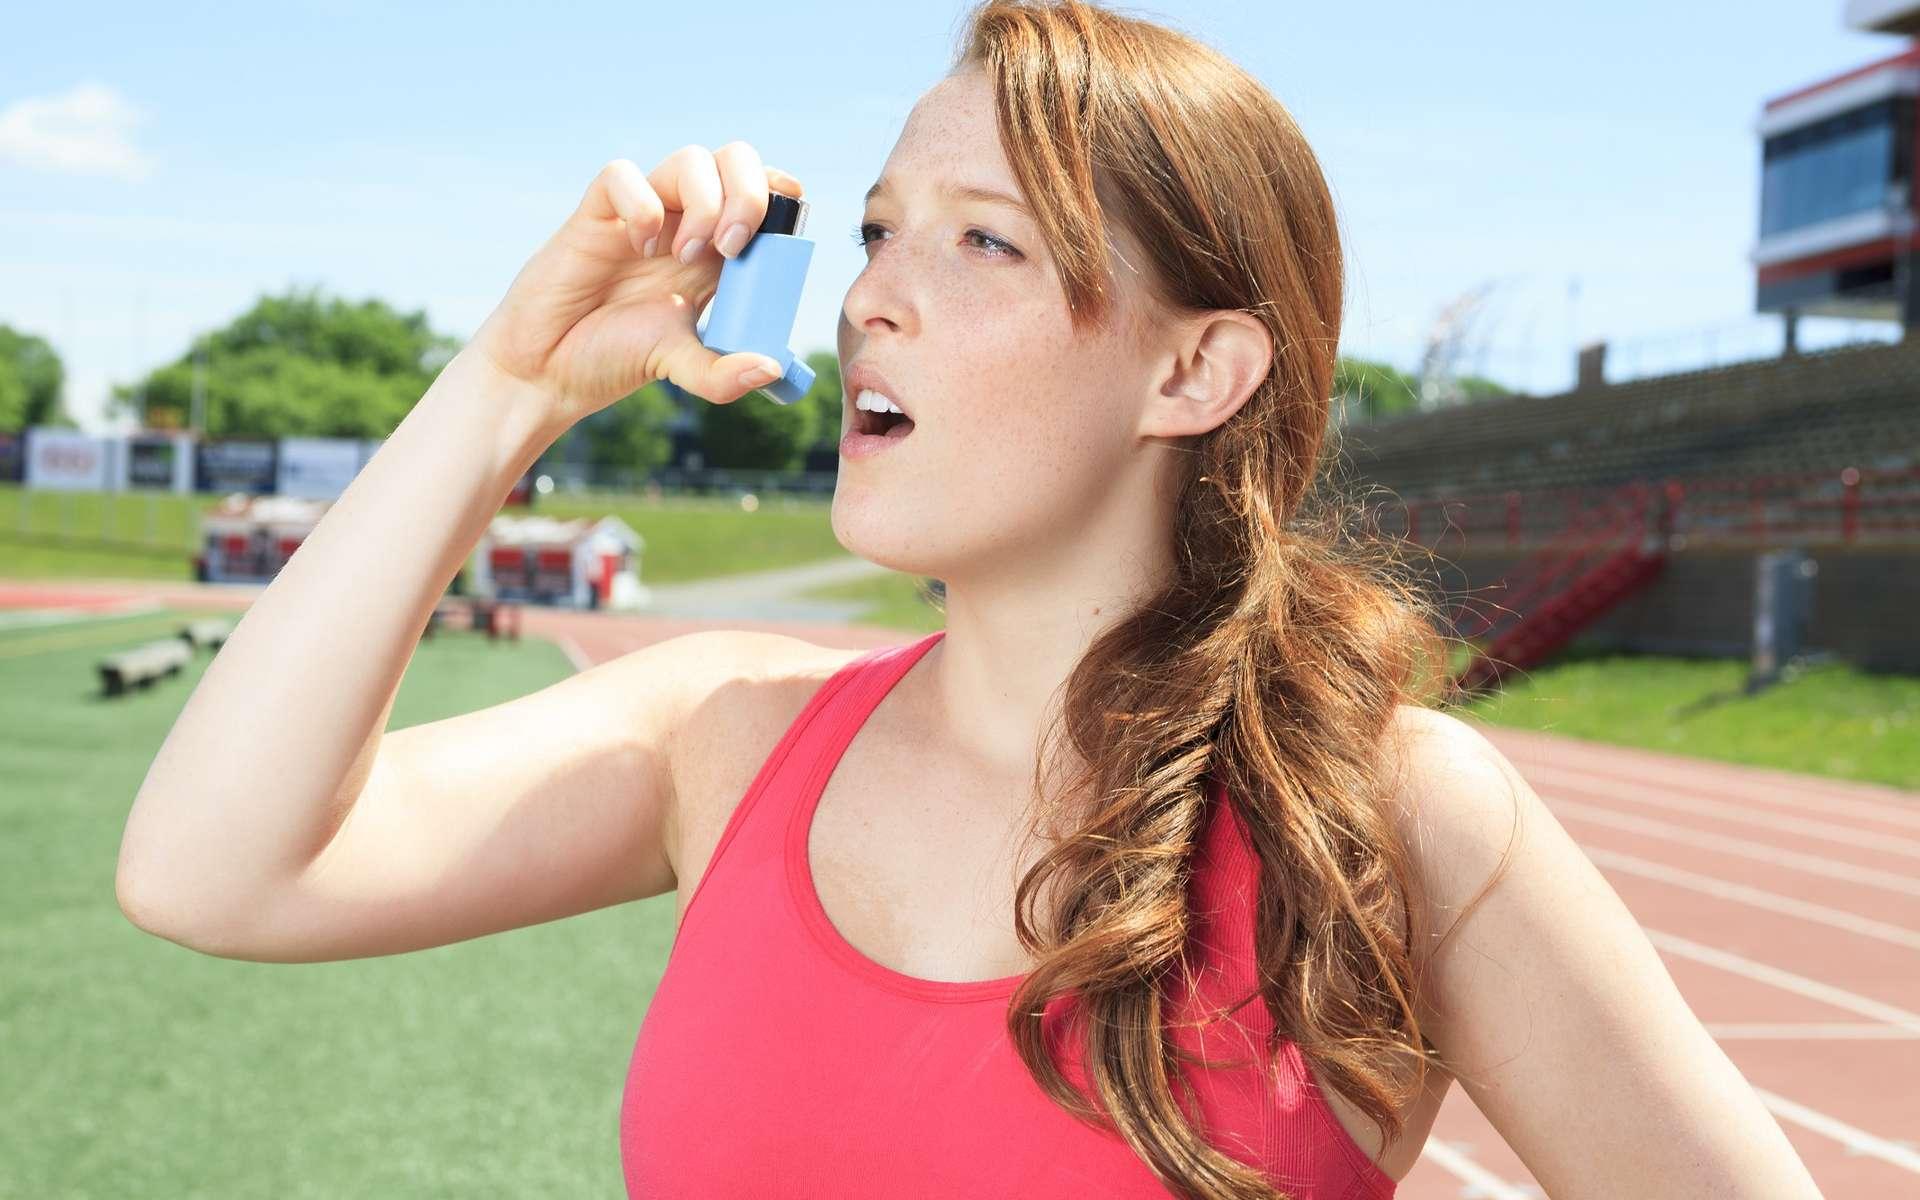 Les sportifs sont plus particulièrement touchés par l'asthme d'effort. © Lopolo, Shutterstock